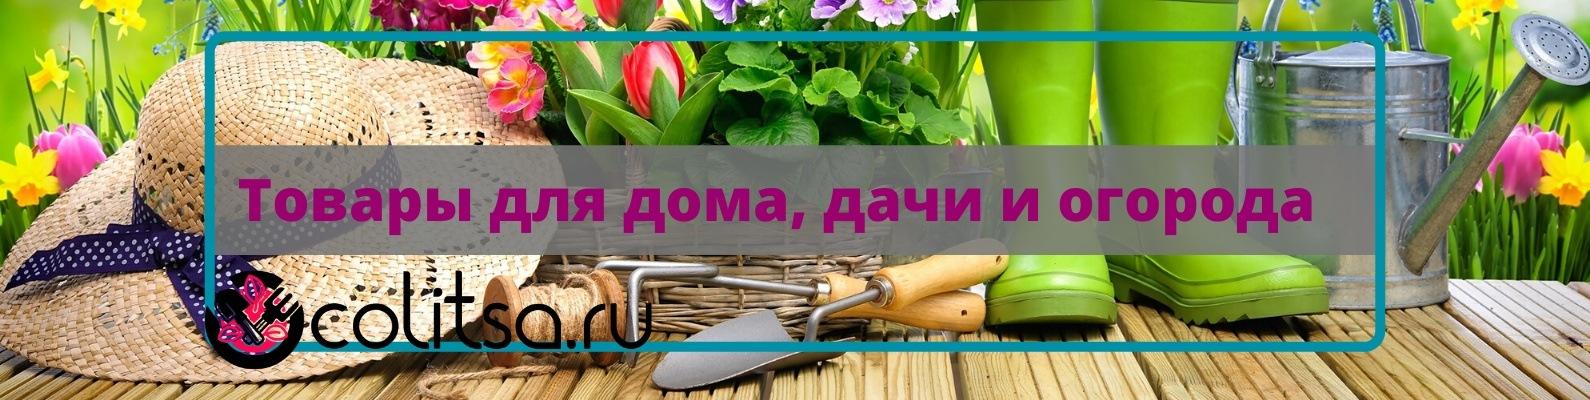 магазин дом сад огород на косарева